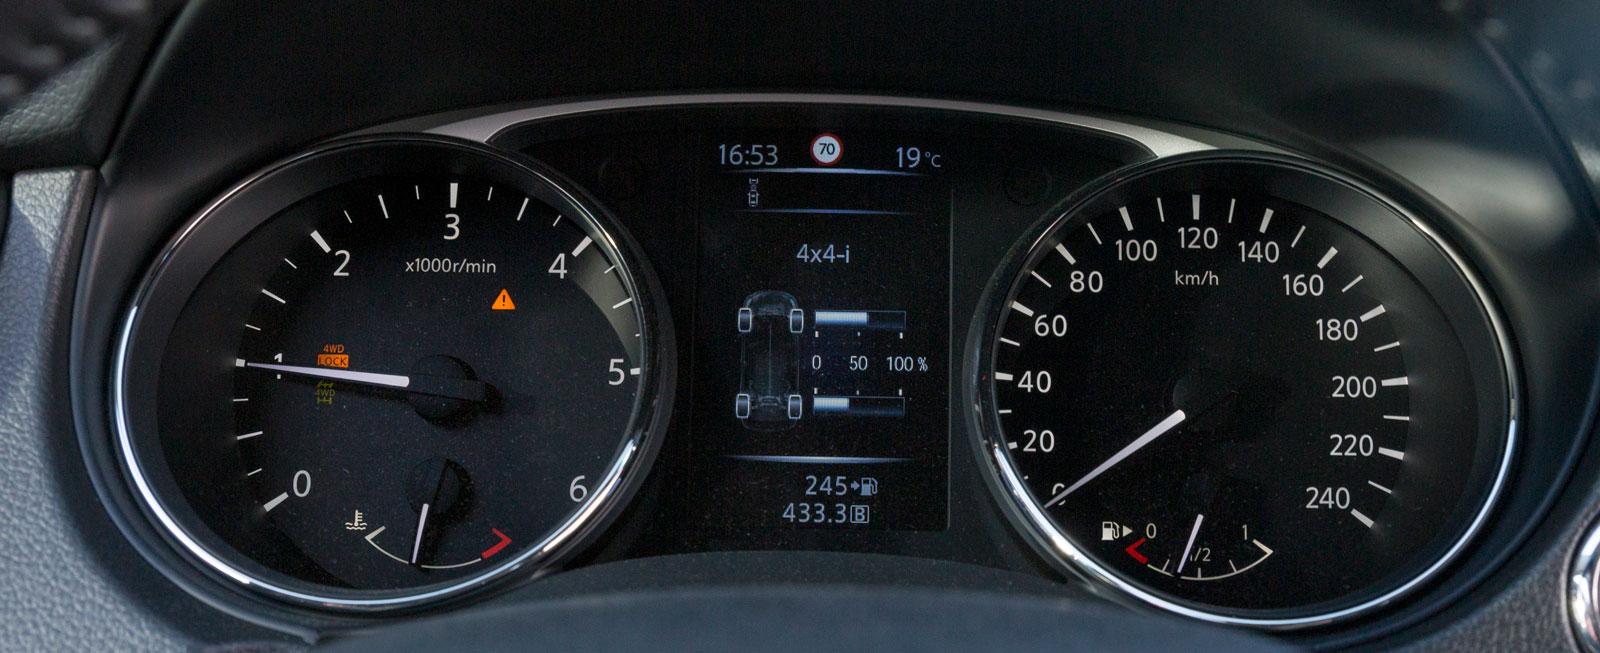 Kromring runt mätarna kan blänka irriterande ibland. Bra färgdisplay med indikering för 4WD-systemet, navigation, verkligt däcktryck, samt besparing av CO2-utsläpp vid autostopp.